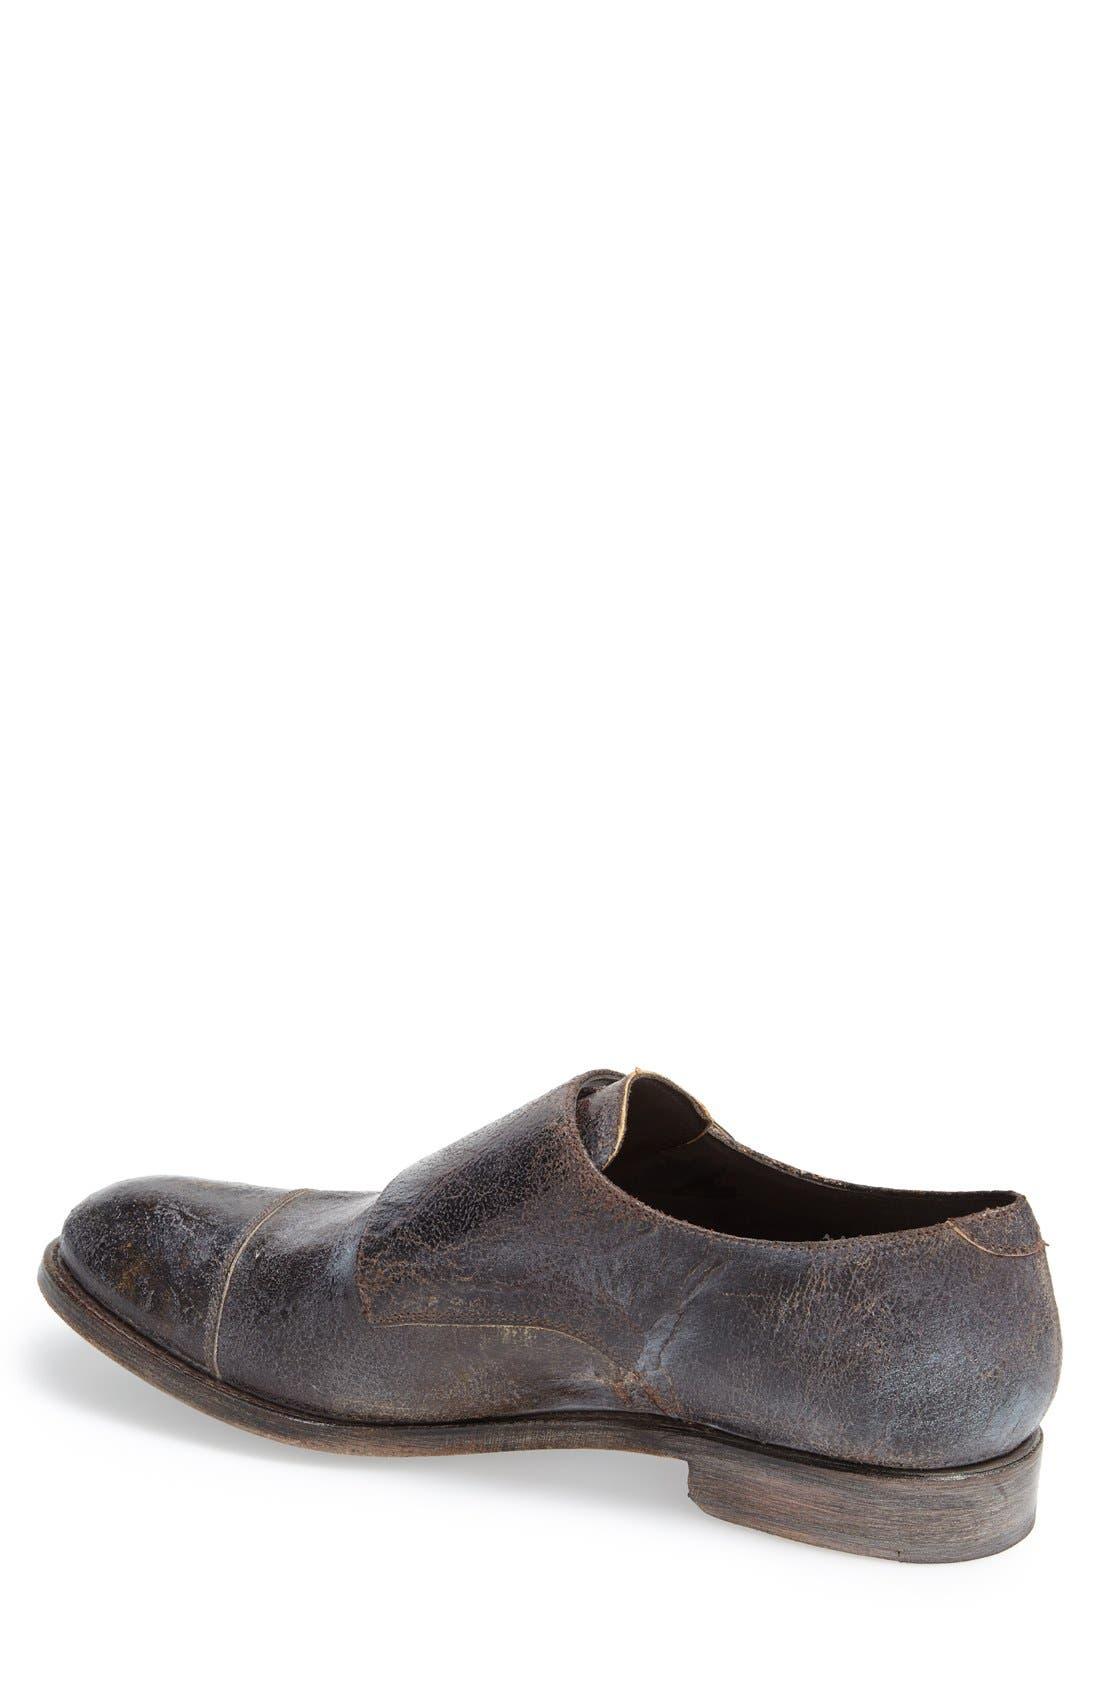 Boots 'Friar Tuk' Double Monk Strap Shoe,                             Alternate thumbnail 2, color,                             Brown Vintage